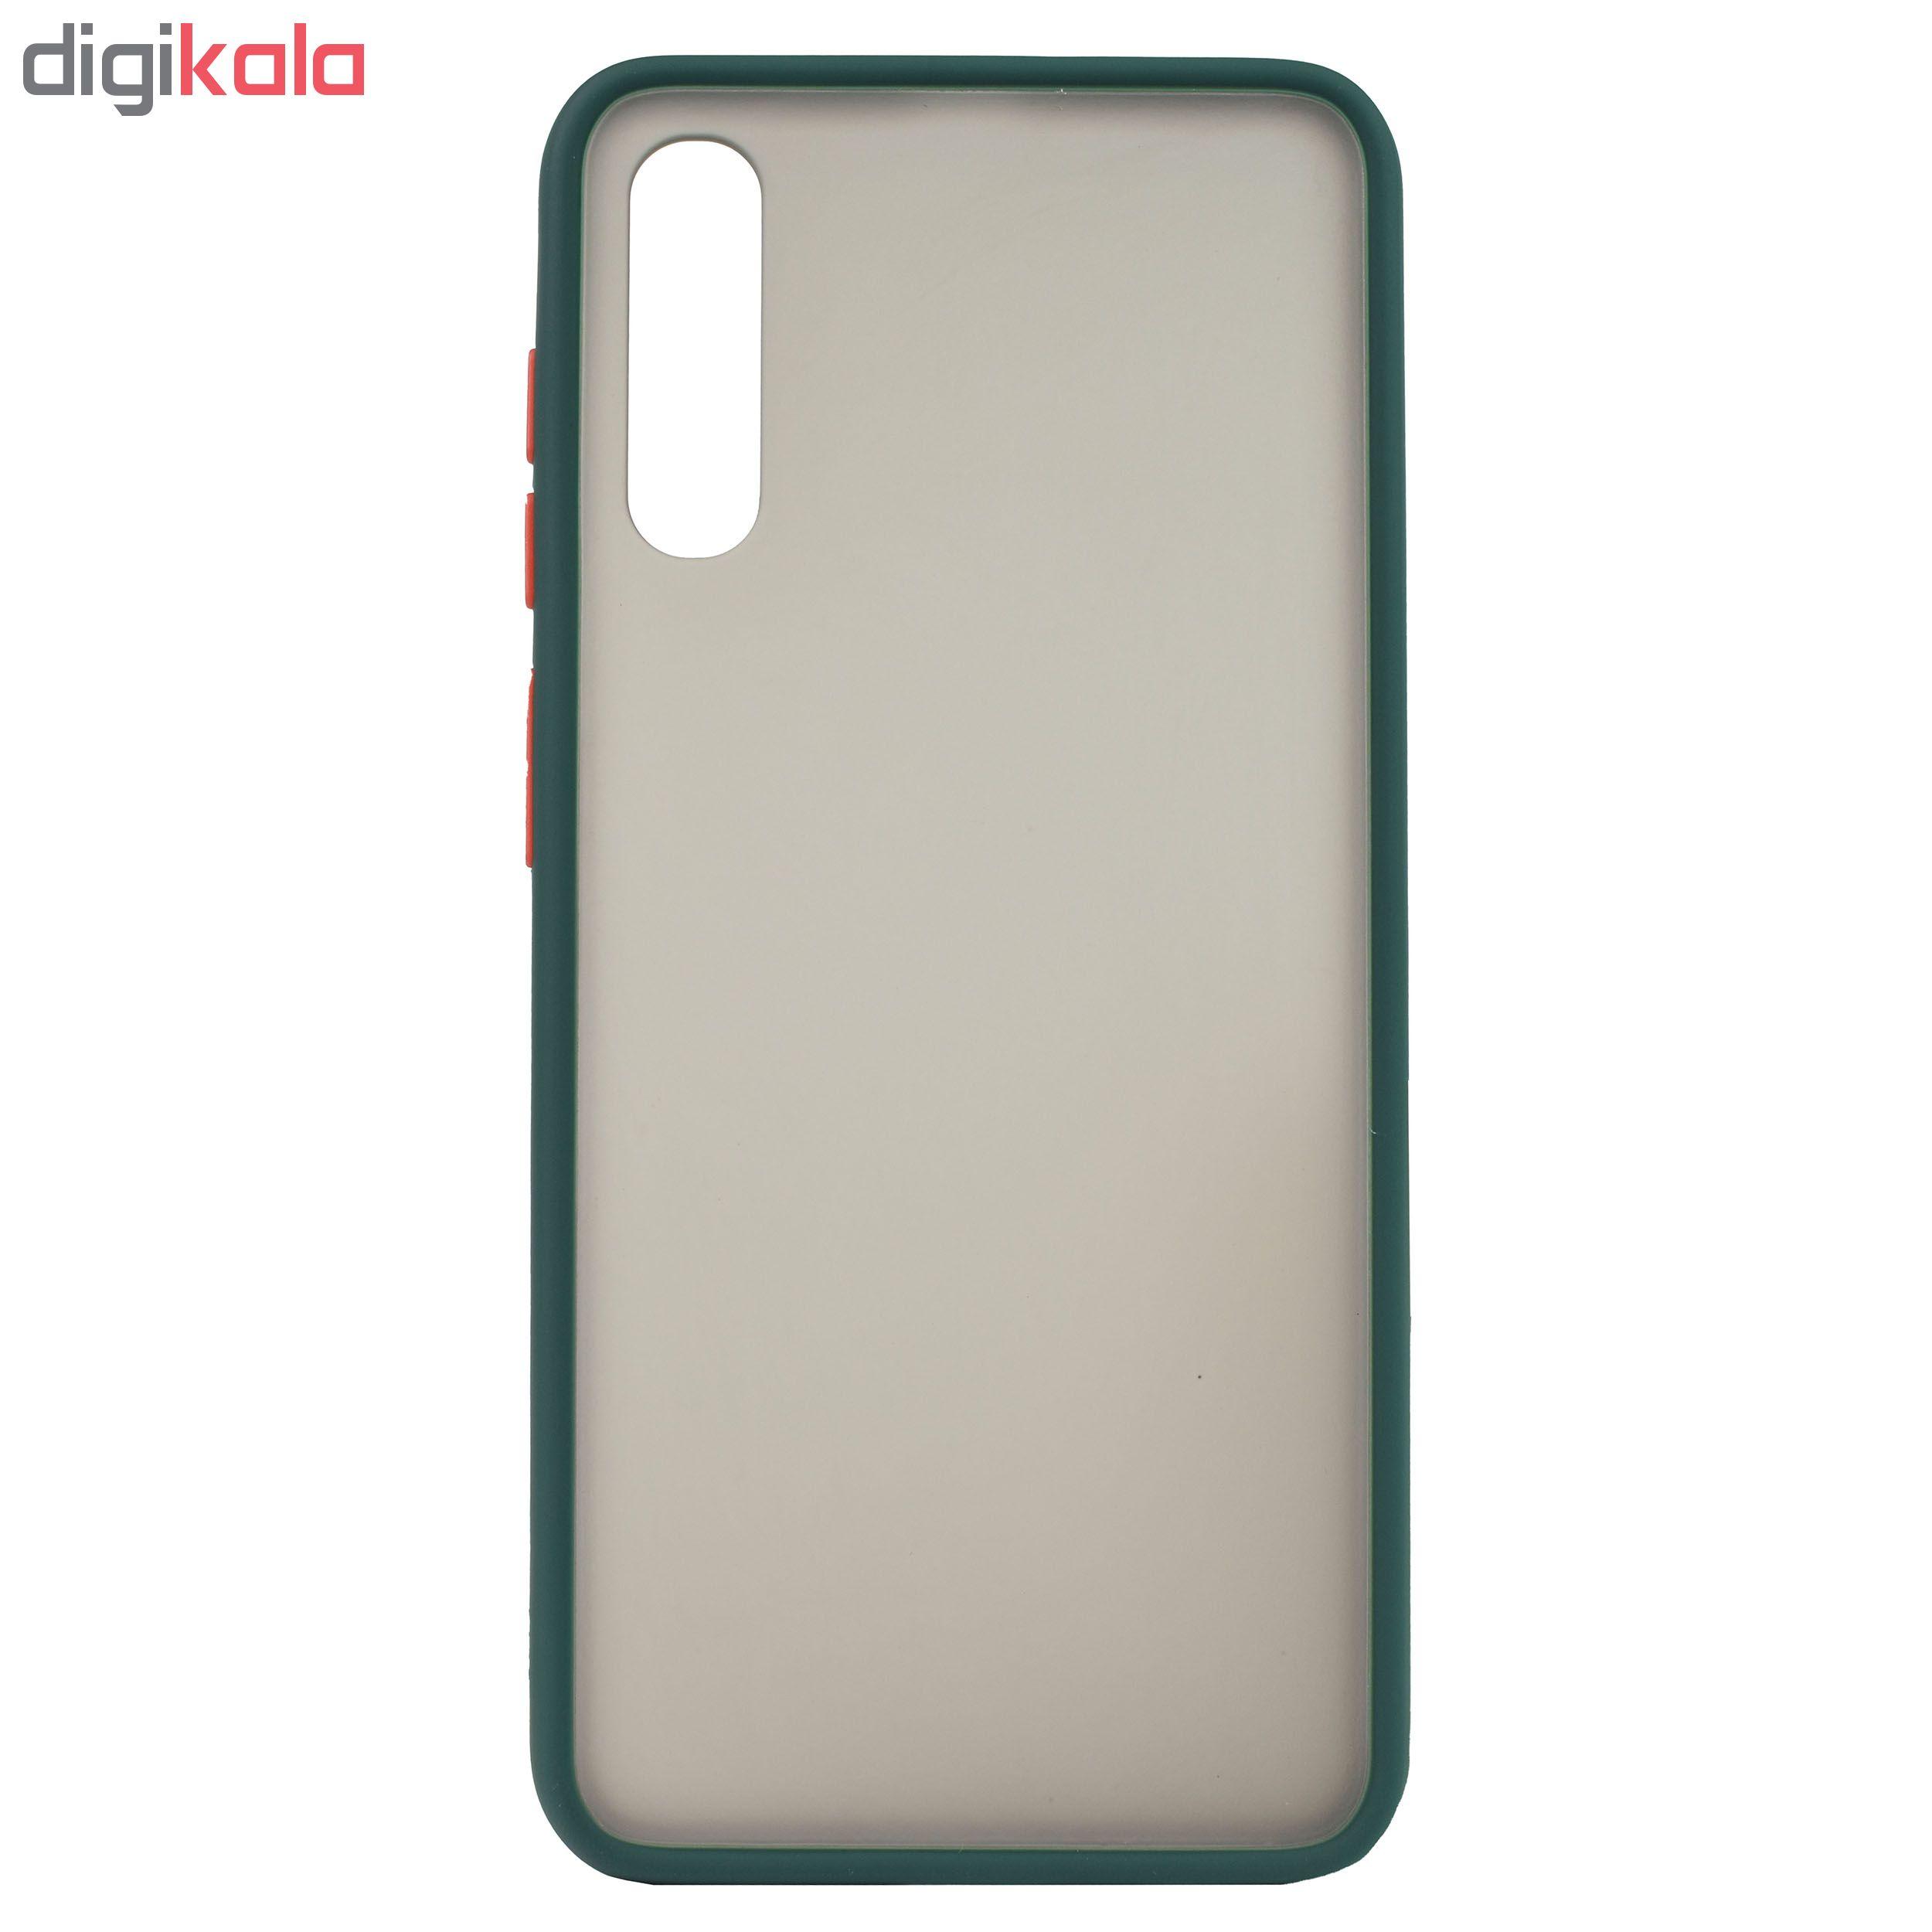 کاور مدل Slico01 مناسب برای گوشی موبایل سامسونگ Galaxy A50 main 1 12